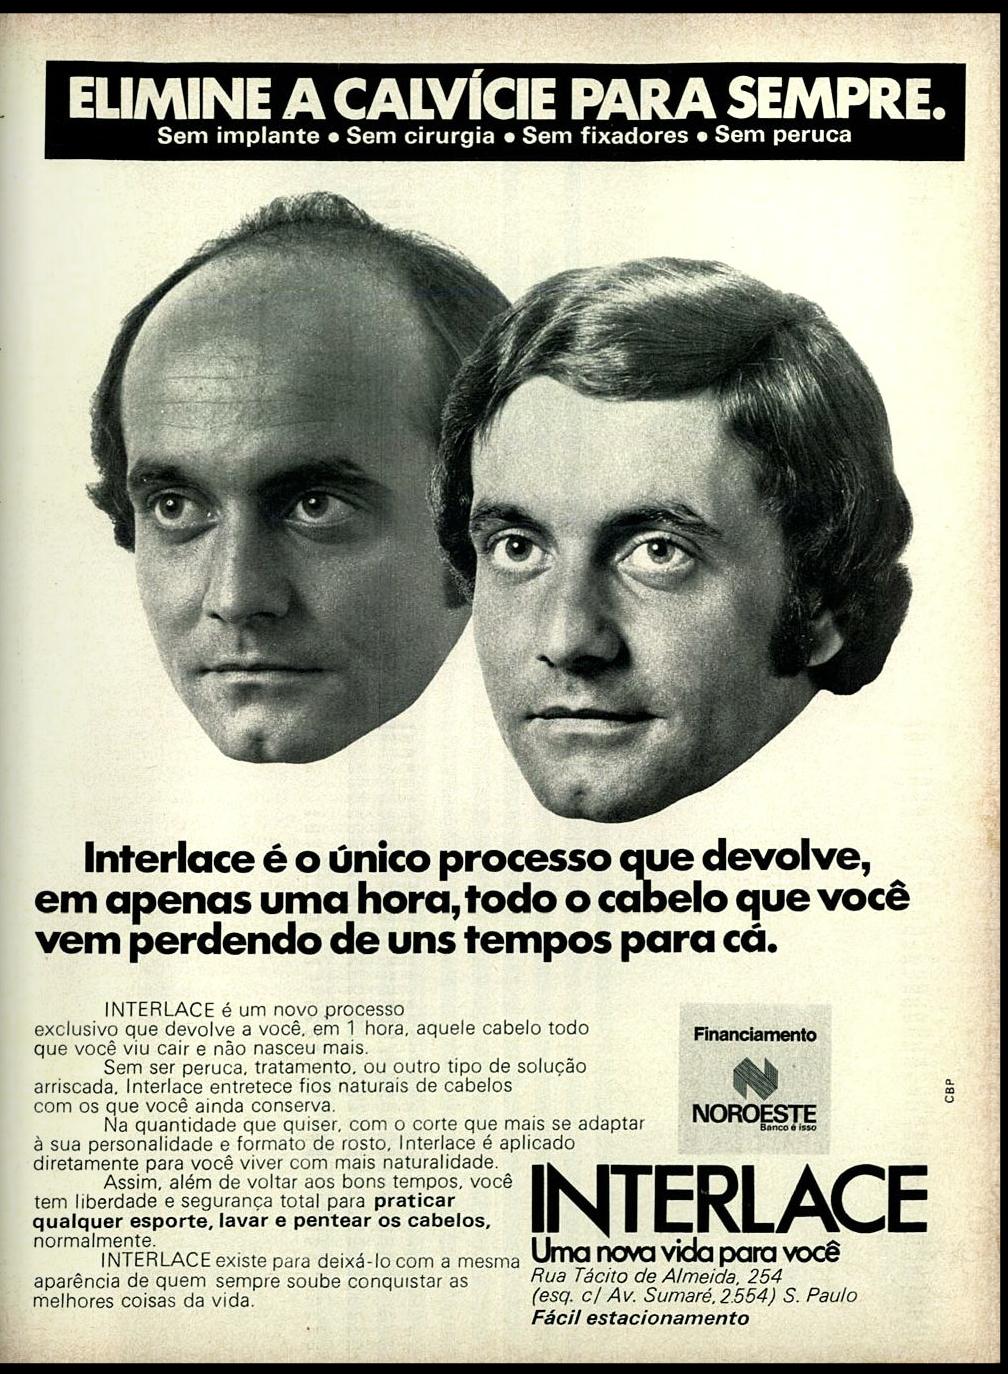 Propaganda antiga do Interlace nos anos 70 com promessa de retomada dos cabelos para os carecas